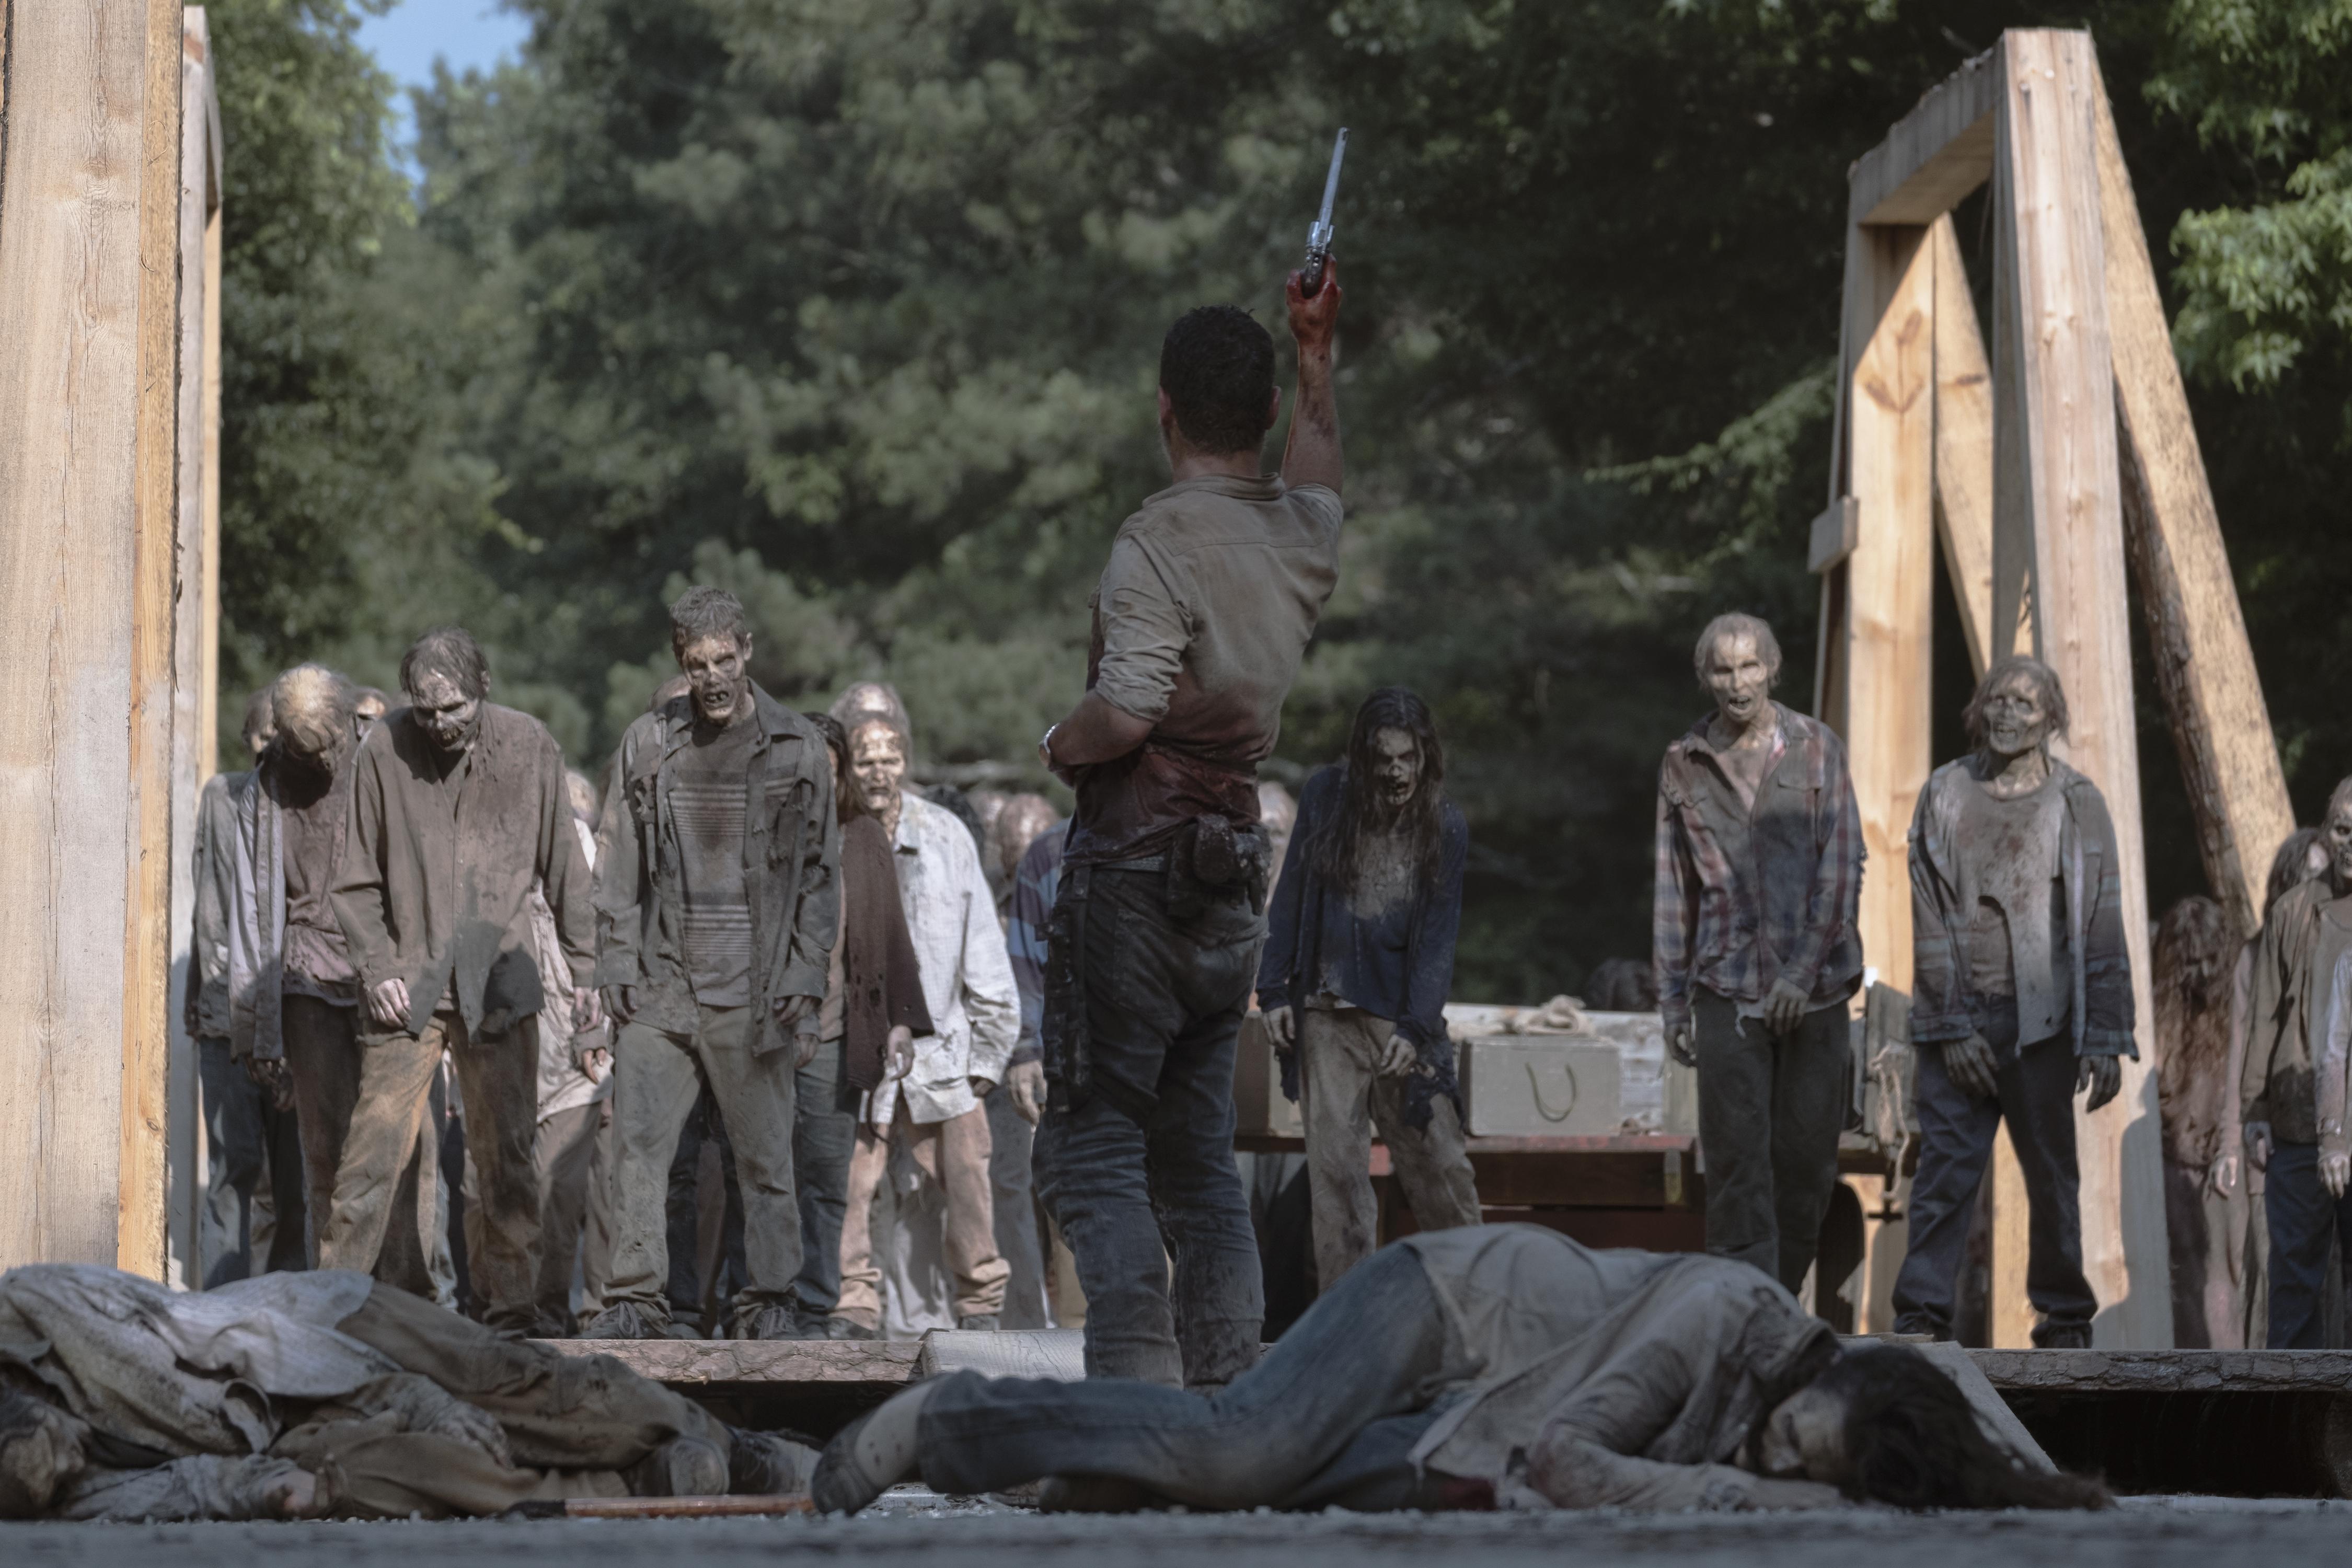 Rick Grimes (Andrew Lincoln) fait le sarifice ultime pour sauver les colonies - The Walking Dead - Saison 9, Épisode 5 - Crédit photo : Jackson Lee Davis/AMC